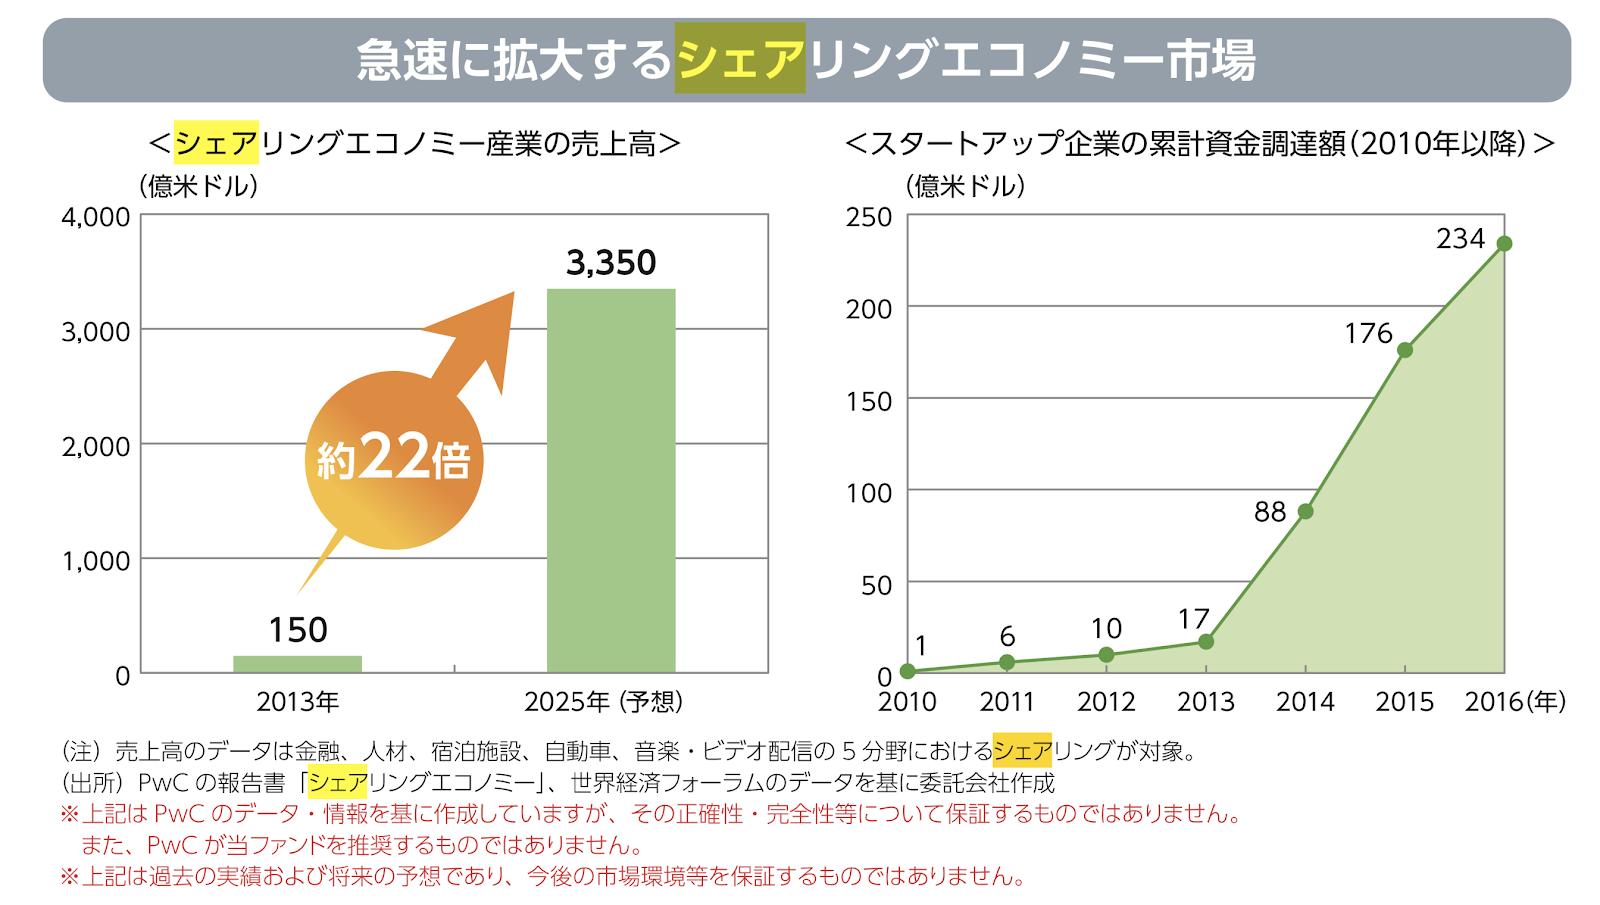 シェアリングエコノミーに関わる企業の売上高グラフ